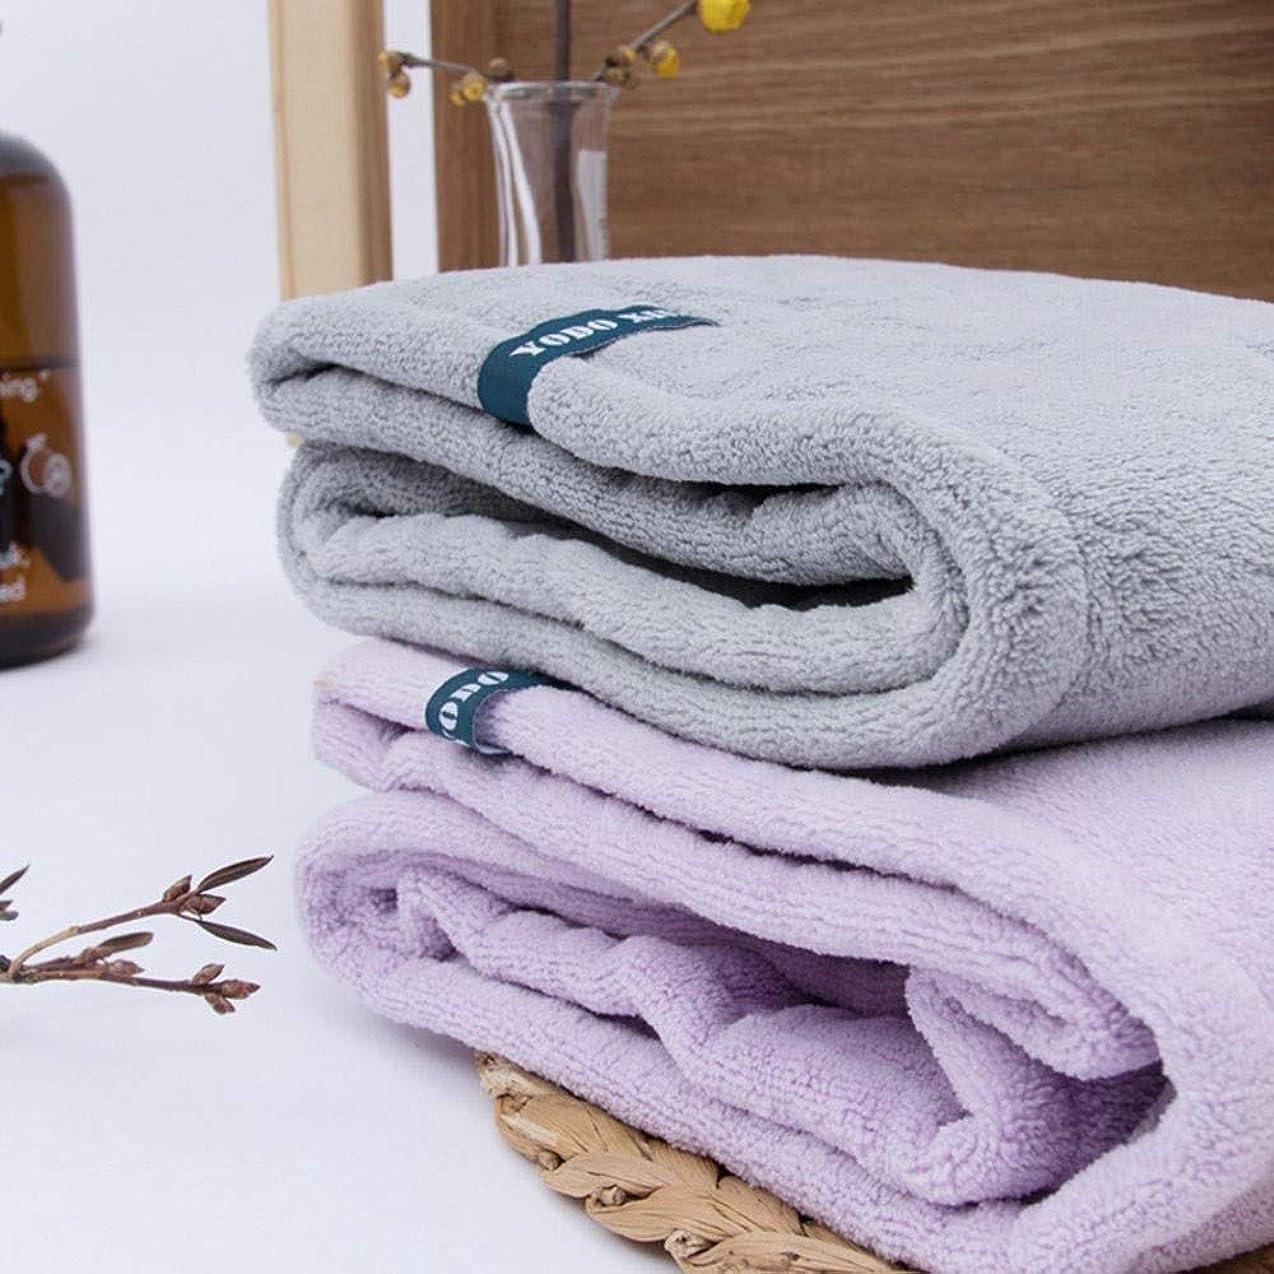 お酒液化する受粉者WYMAI キャップ、コットンドライヘアーキャップ、ロングヘアフード付きシャワーキャップ、シャンプーや速乾性シャワーキャップ、2層超厚手のスタイルから選択する色のAバラエティシャワー シンプルで実用的な製品 (Color : Purple)